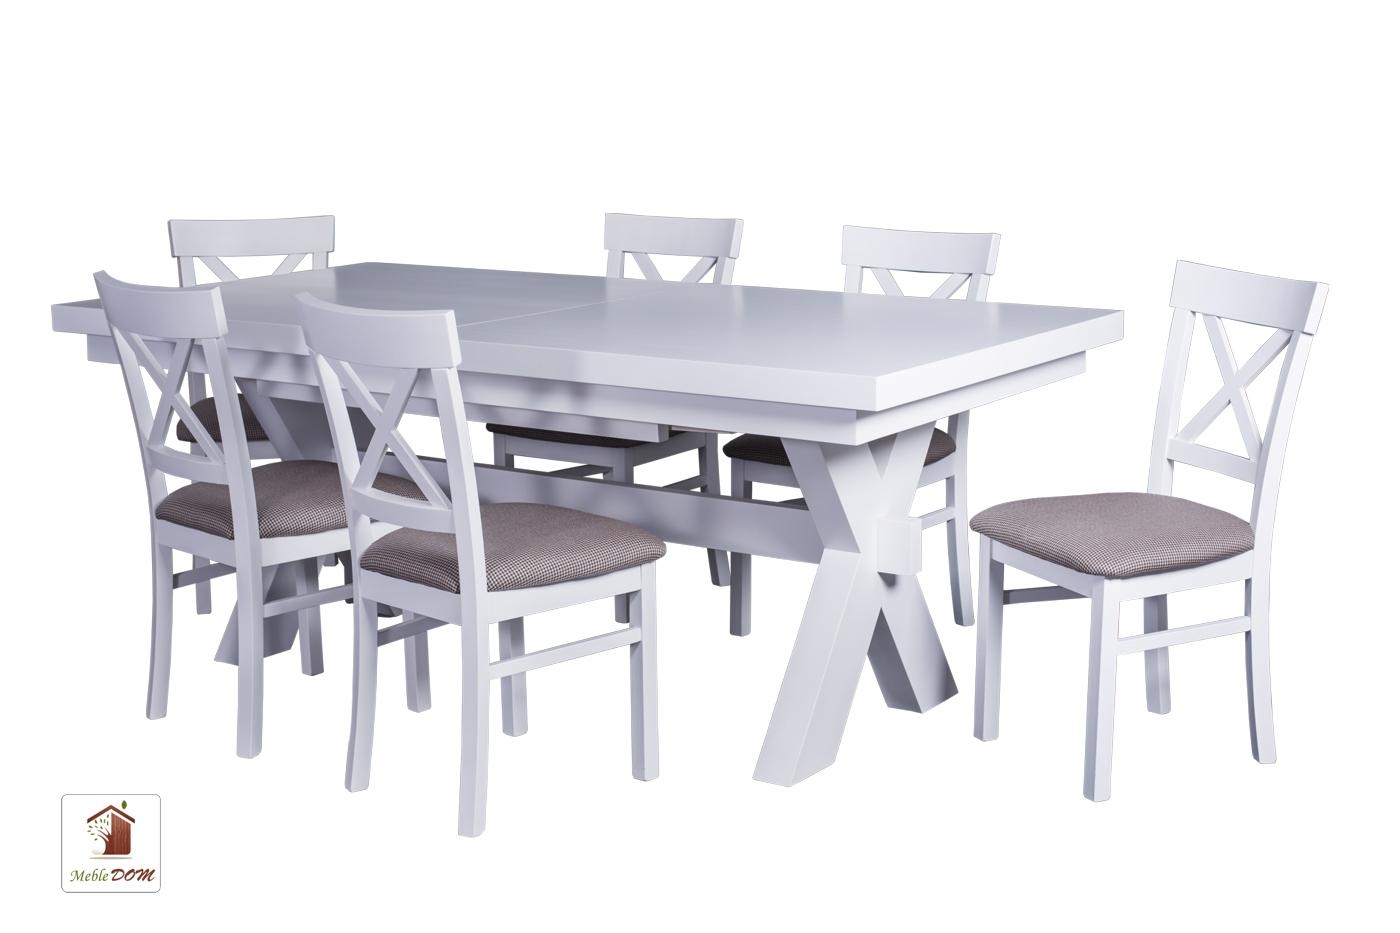 Prostokątny stół rozkładany Malmo z krzesłami Nord One